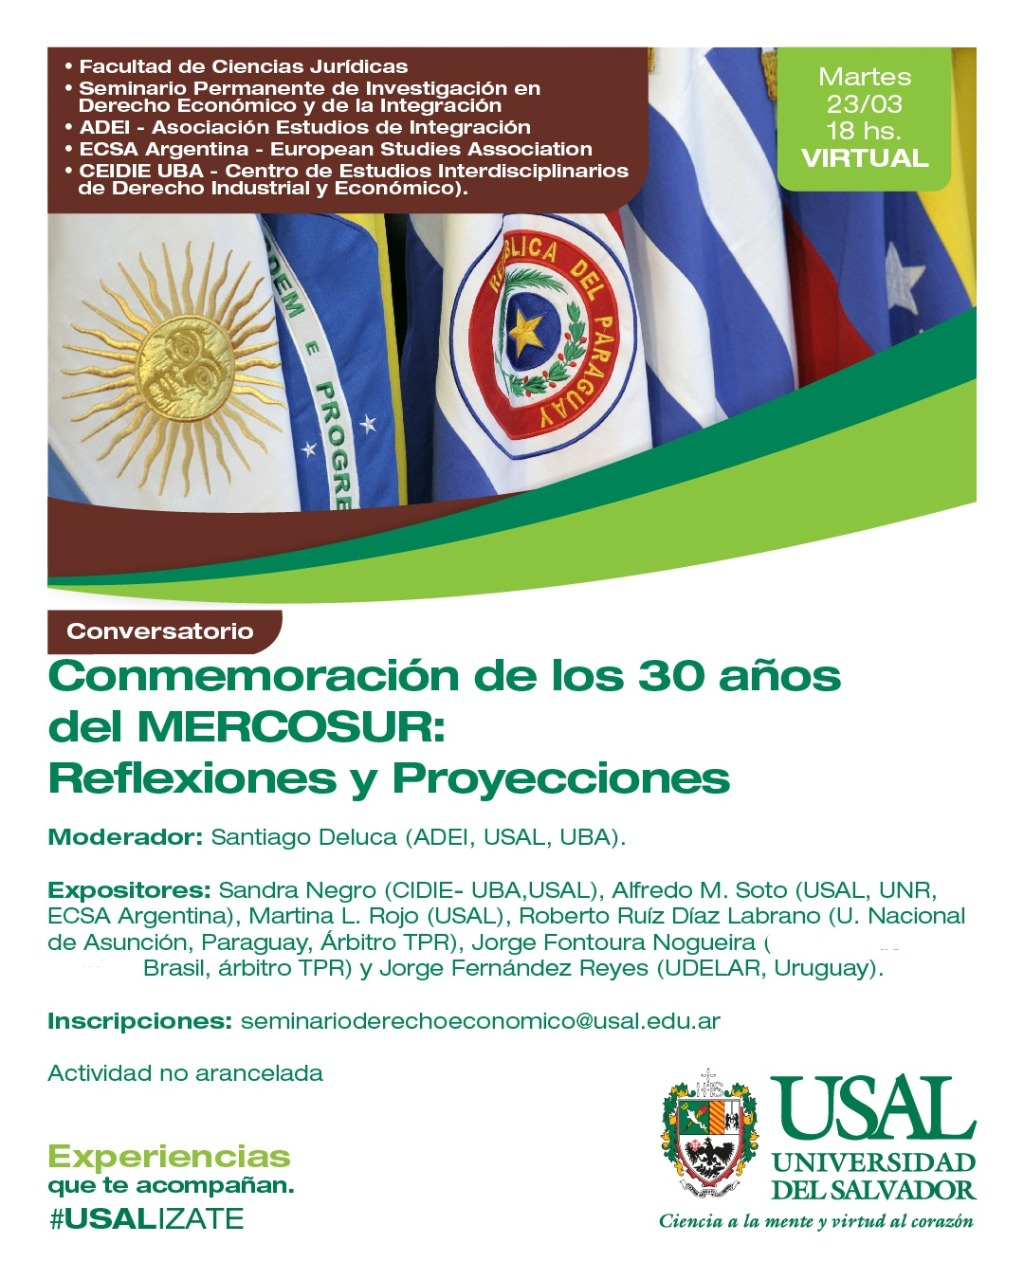 CONVERSATORIO «CONMEMORACION DE LOS 30 AÑOS DEL MERCOSUR: REFLEXIONES Y PROYECCIONES»